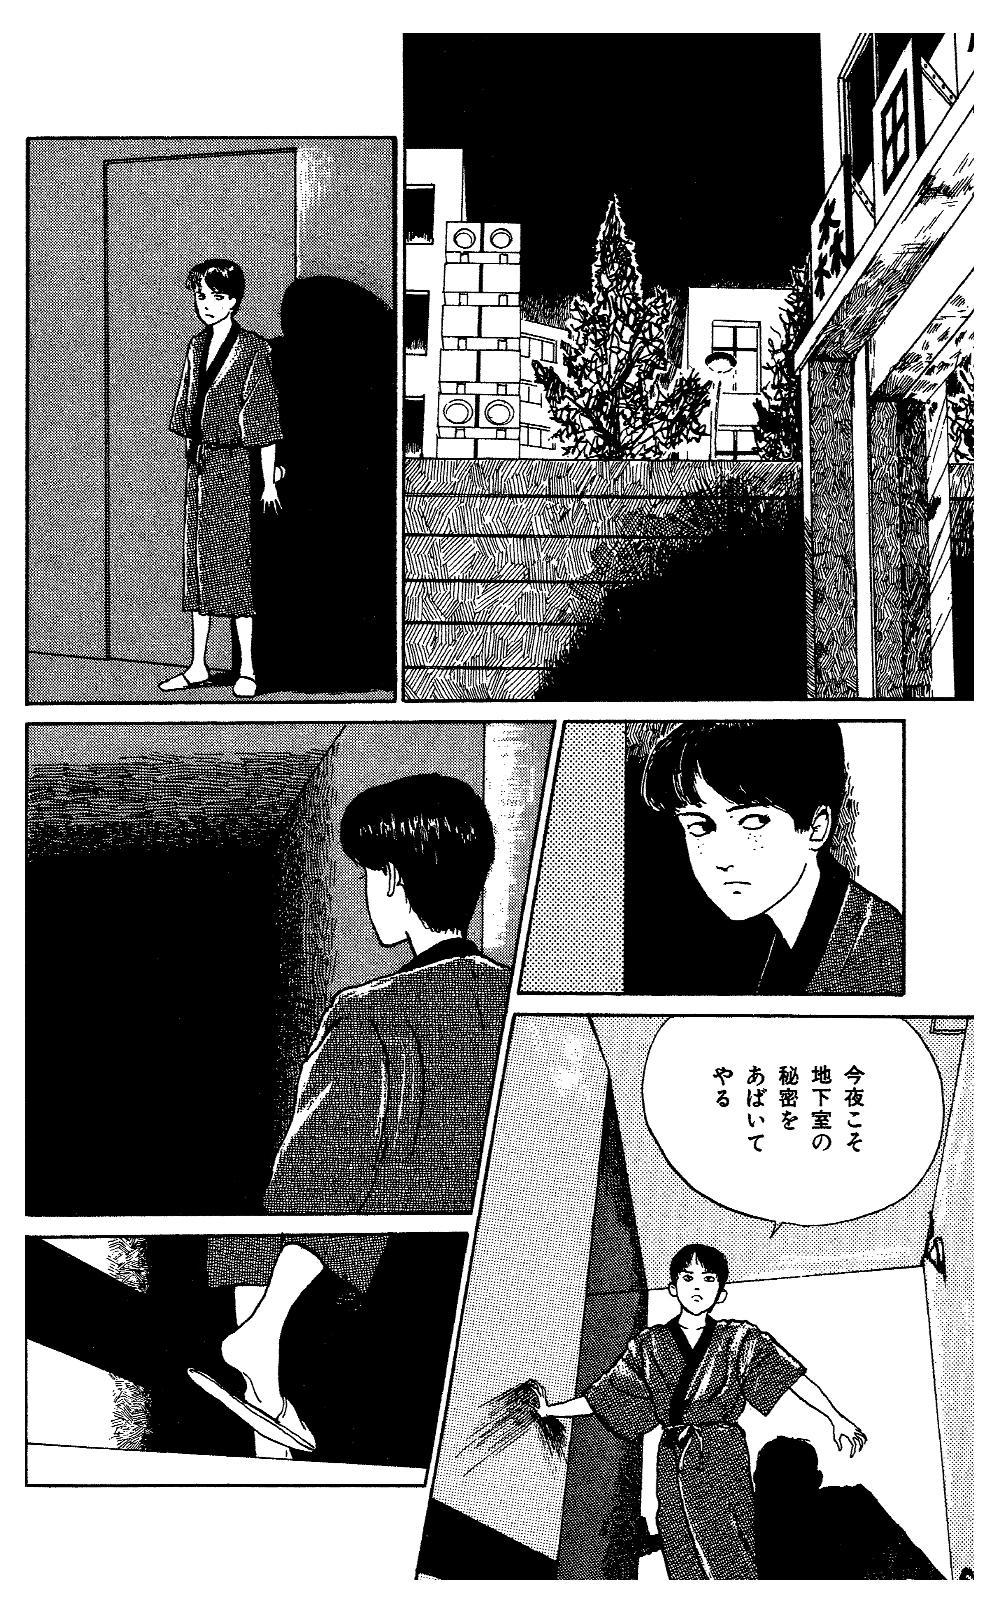 伊藤潤二傑作集 第3話「富江 地下室」②junji07-09.jpg